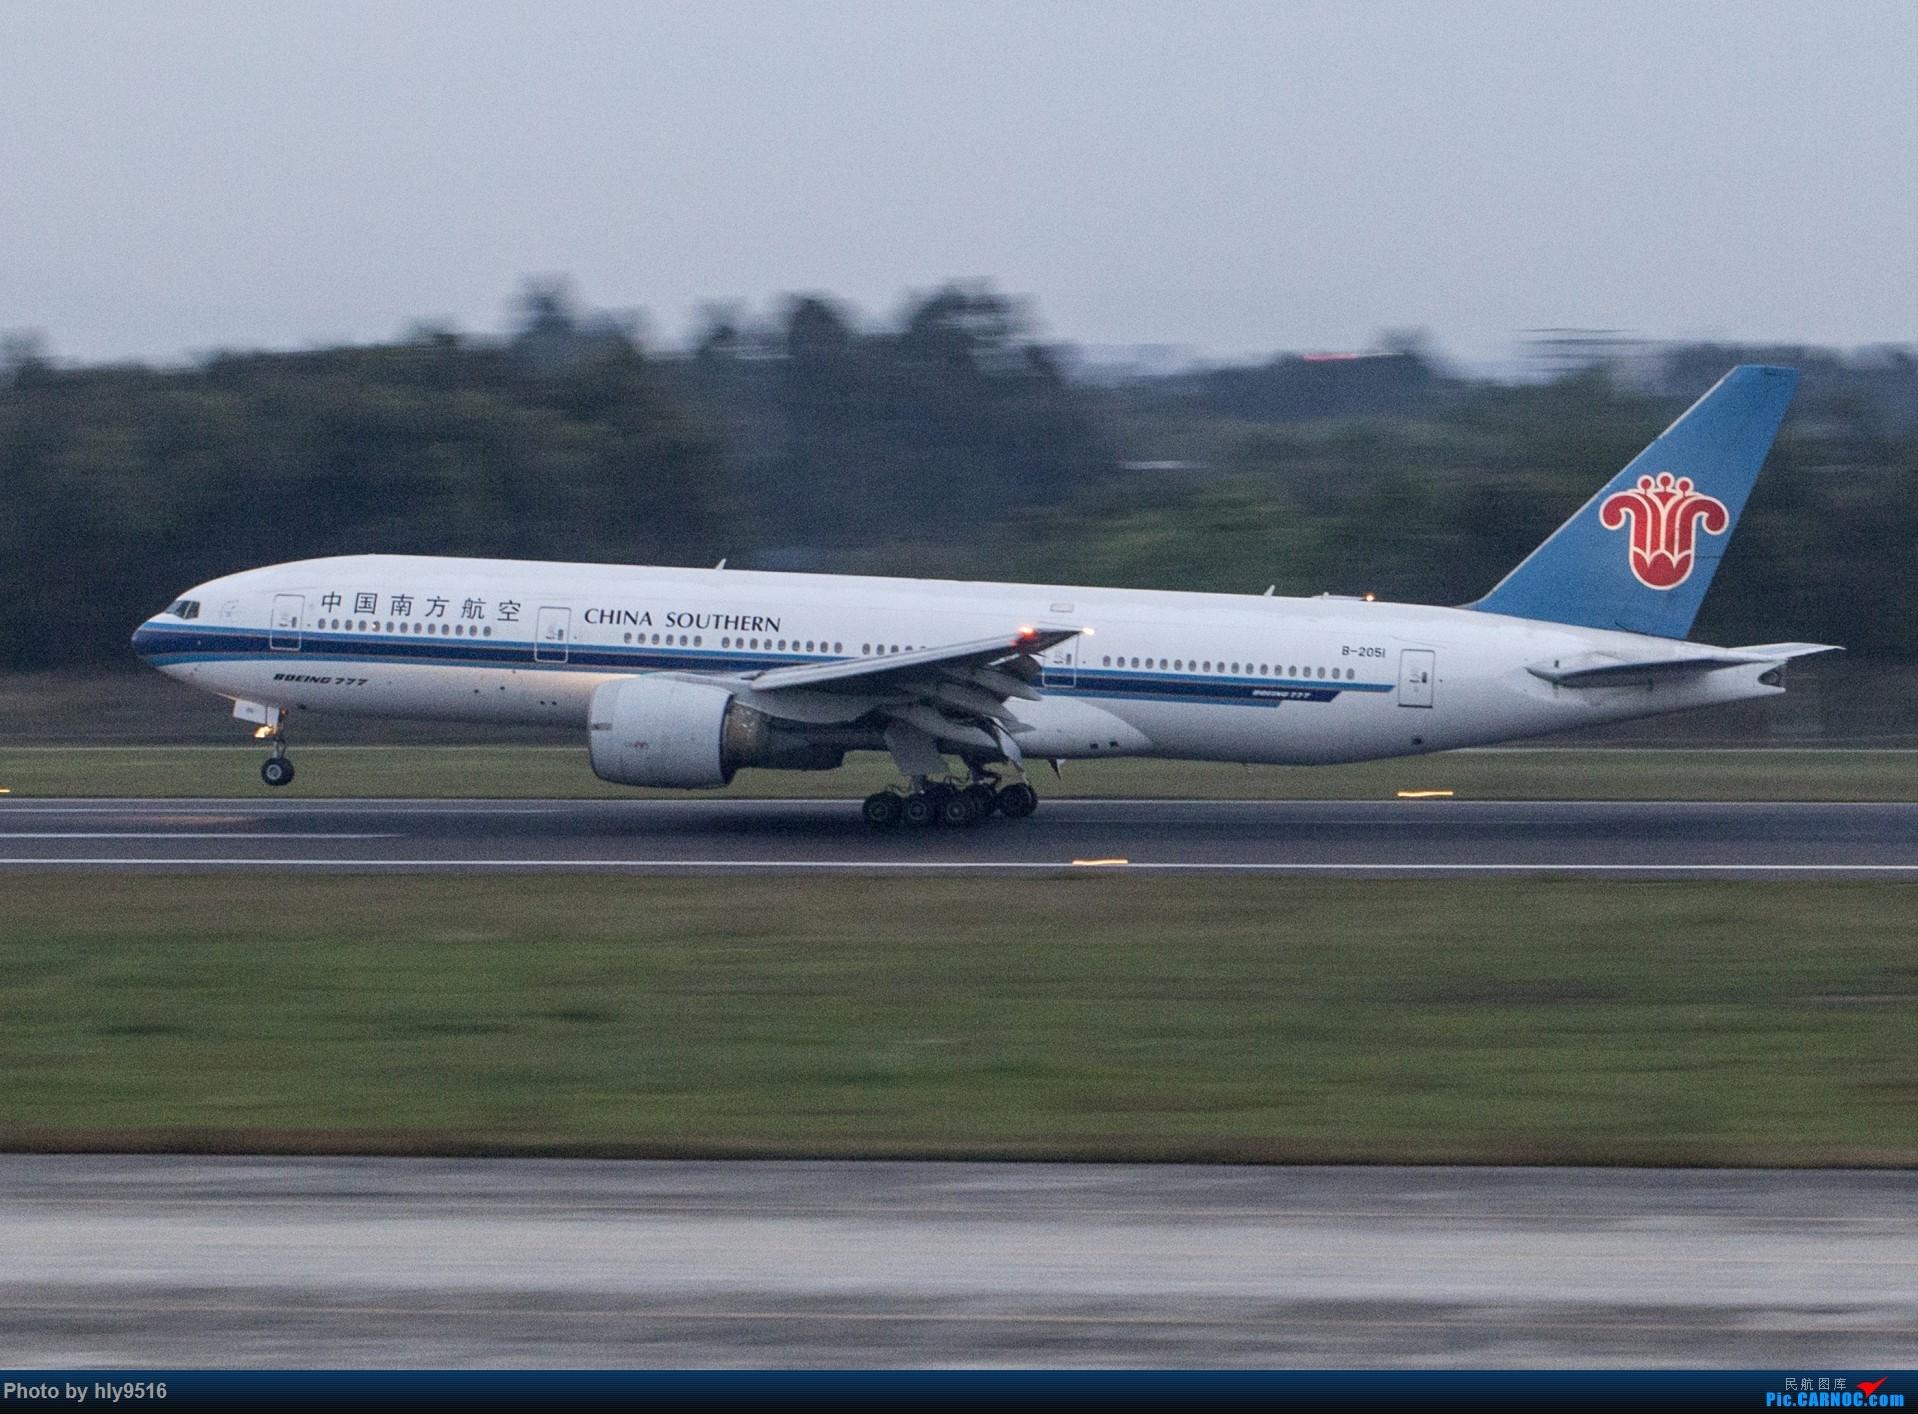 Re:[原创]【CTU】终于解决了大怨念南航A380 偶遇长荣新涂装 两次复飞 小怨念若干 BOEING 777-200 B-2051 中国成都双流国际机场